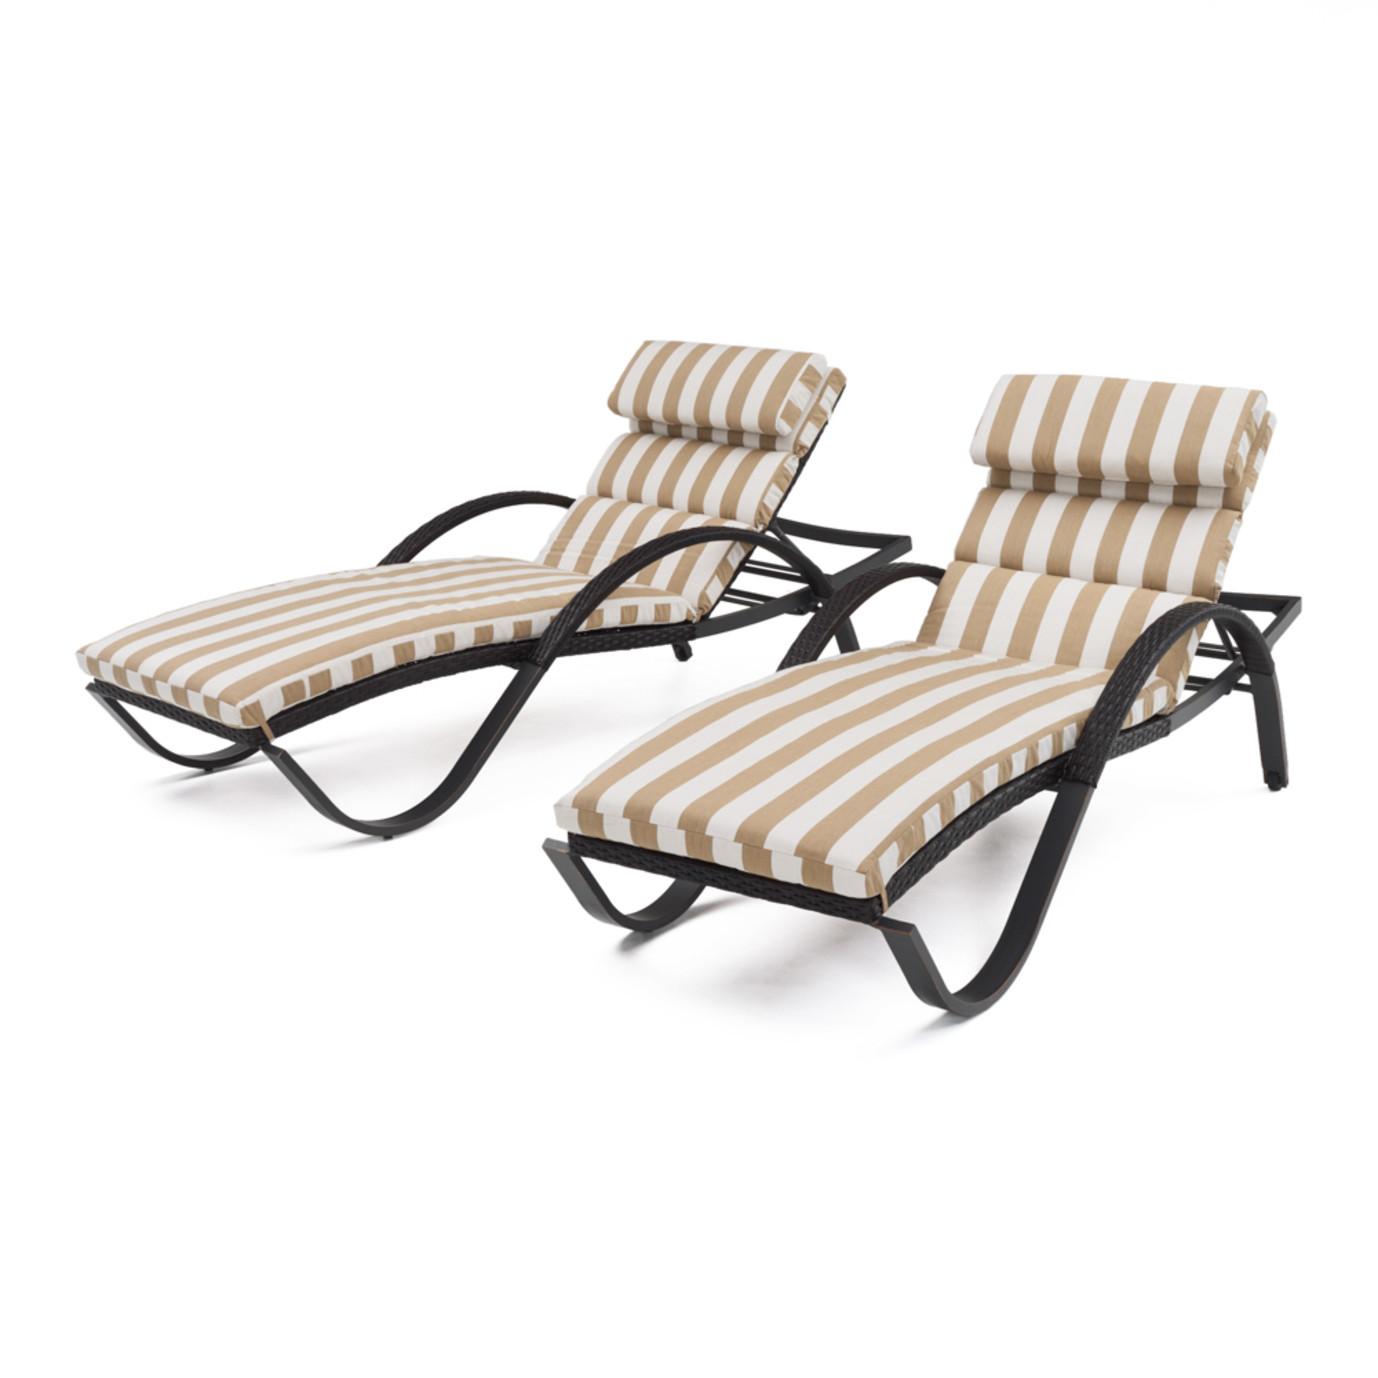 Deco™ 20pc Outdoor Estate Set - Maxim Beige